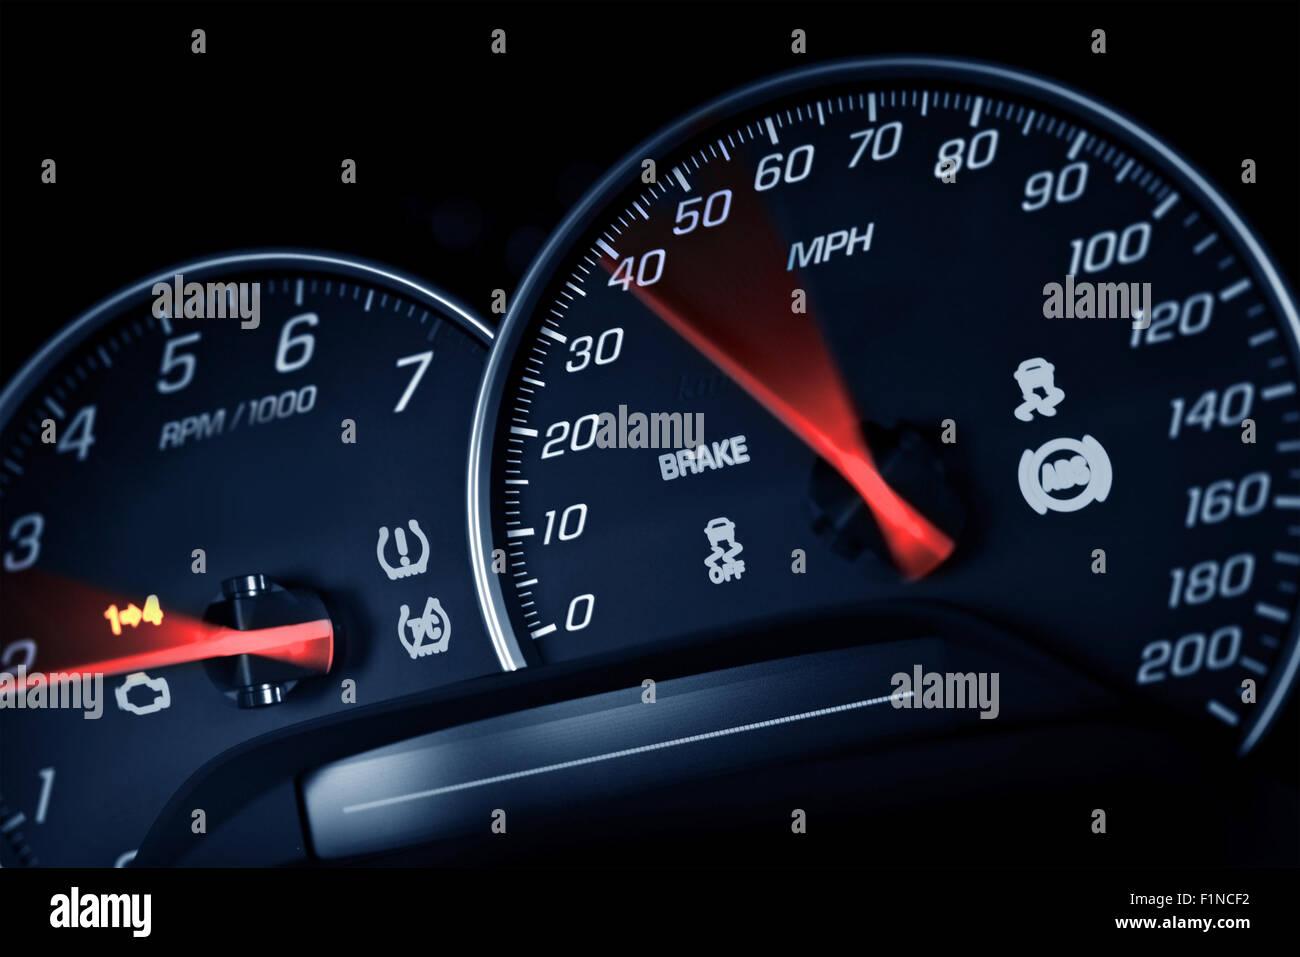 Tachimetro sportivo. Auto sportiva strumenti Cruscotto Closeup. Giri/min e la velocità di dosaggio. Trasporto Immagini Stock